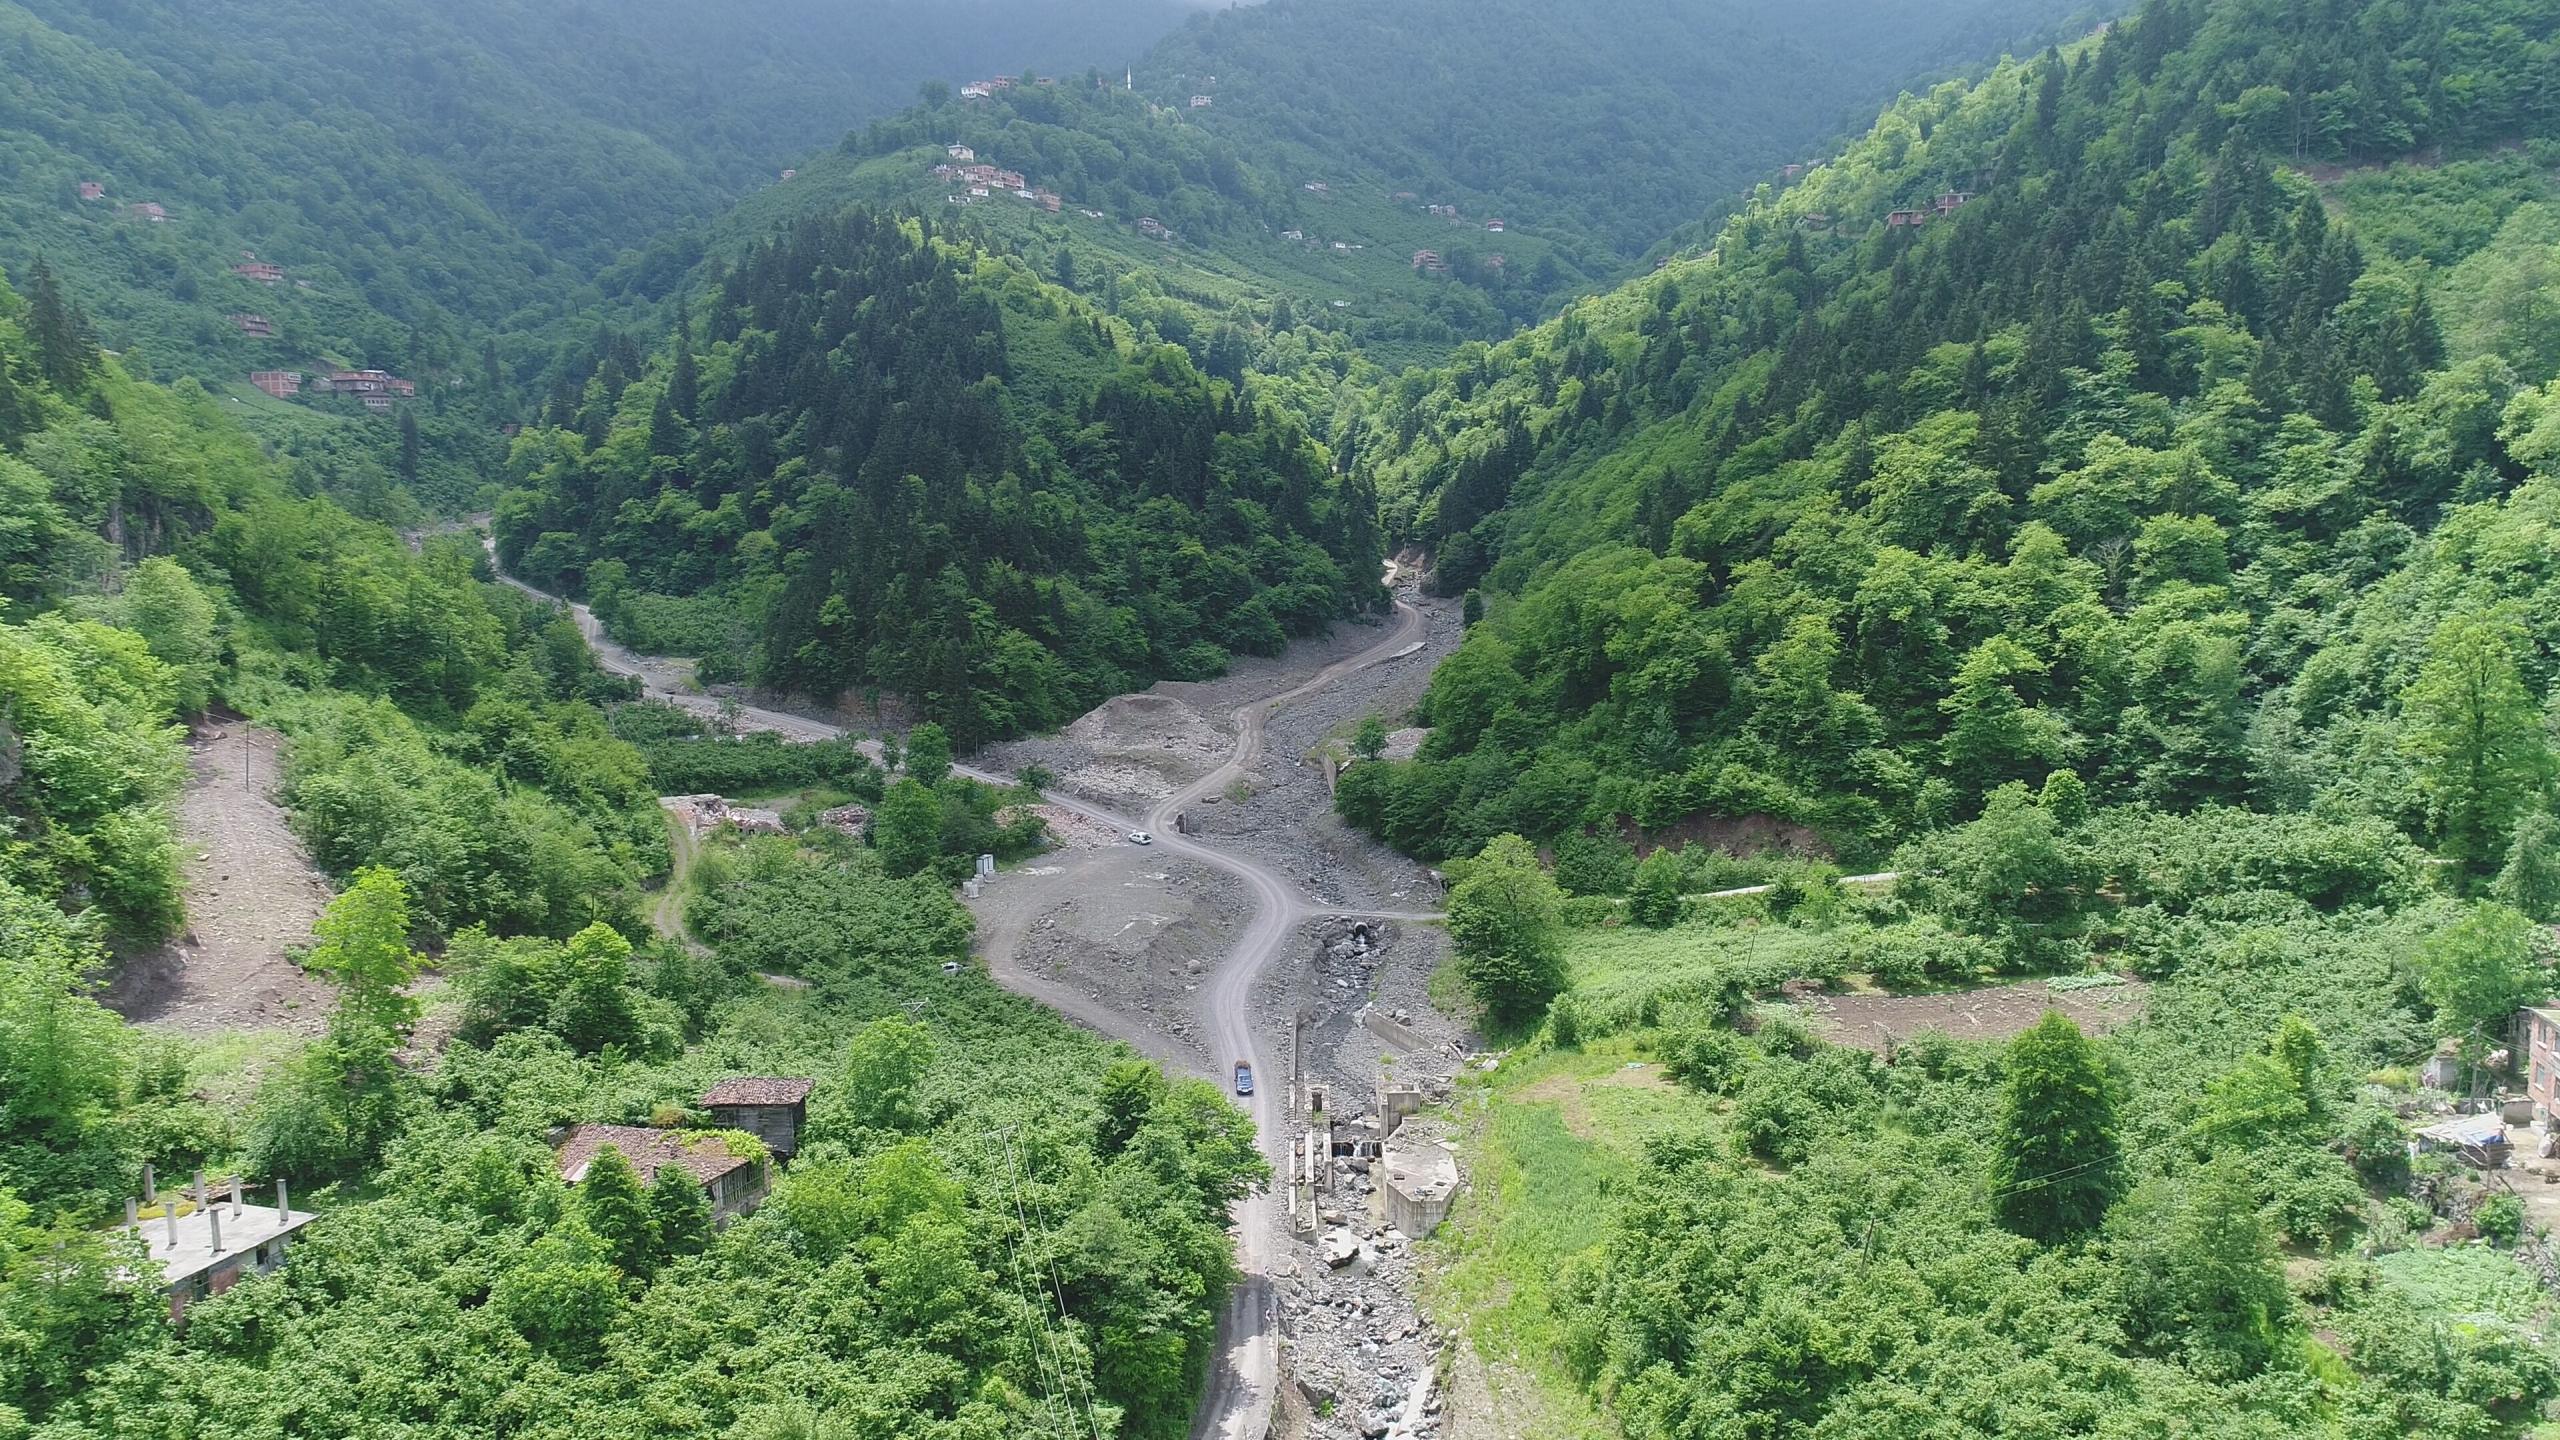 8 kişinin hayatını kaybettiği, 2 kişinin kaybolduğu sel felaketini 12 kişi ile andılar